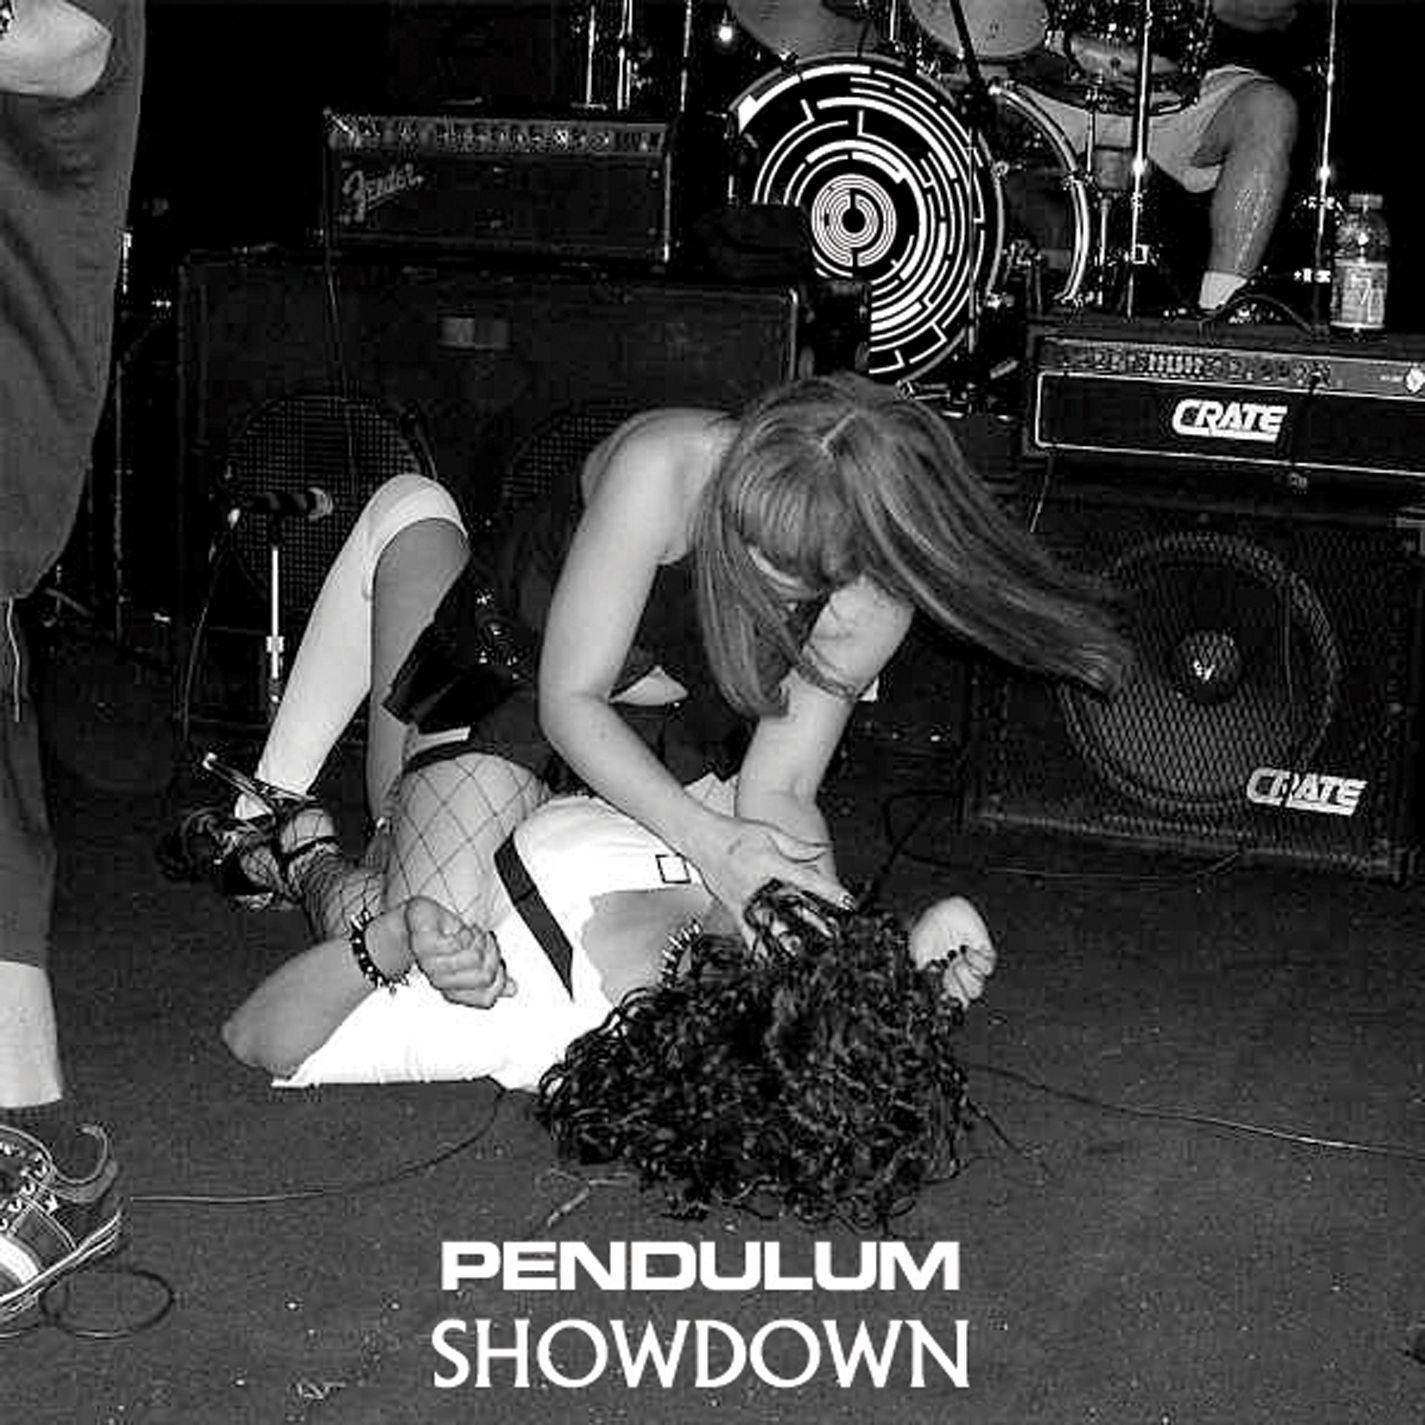 Pendulum album Showdown